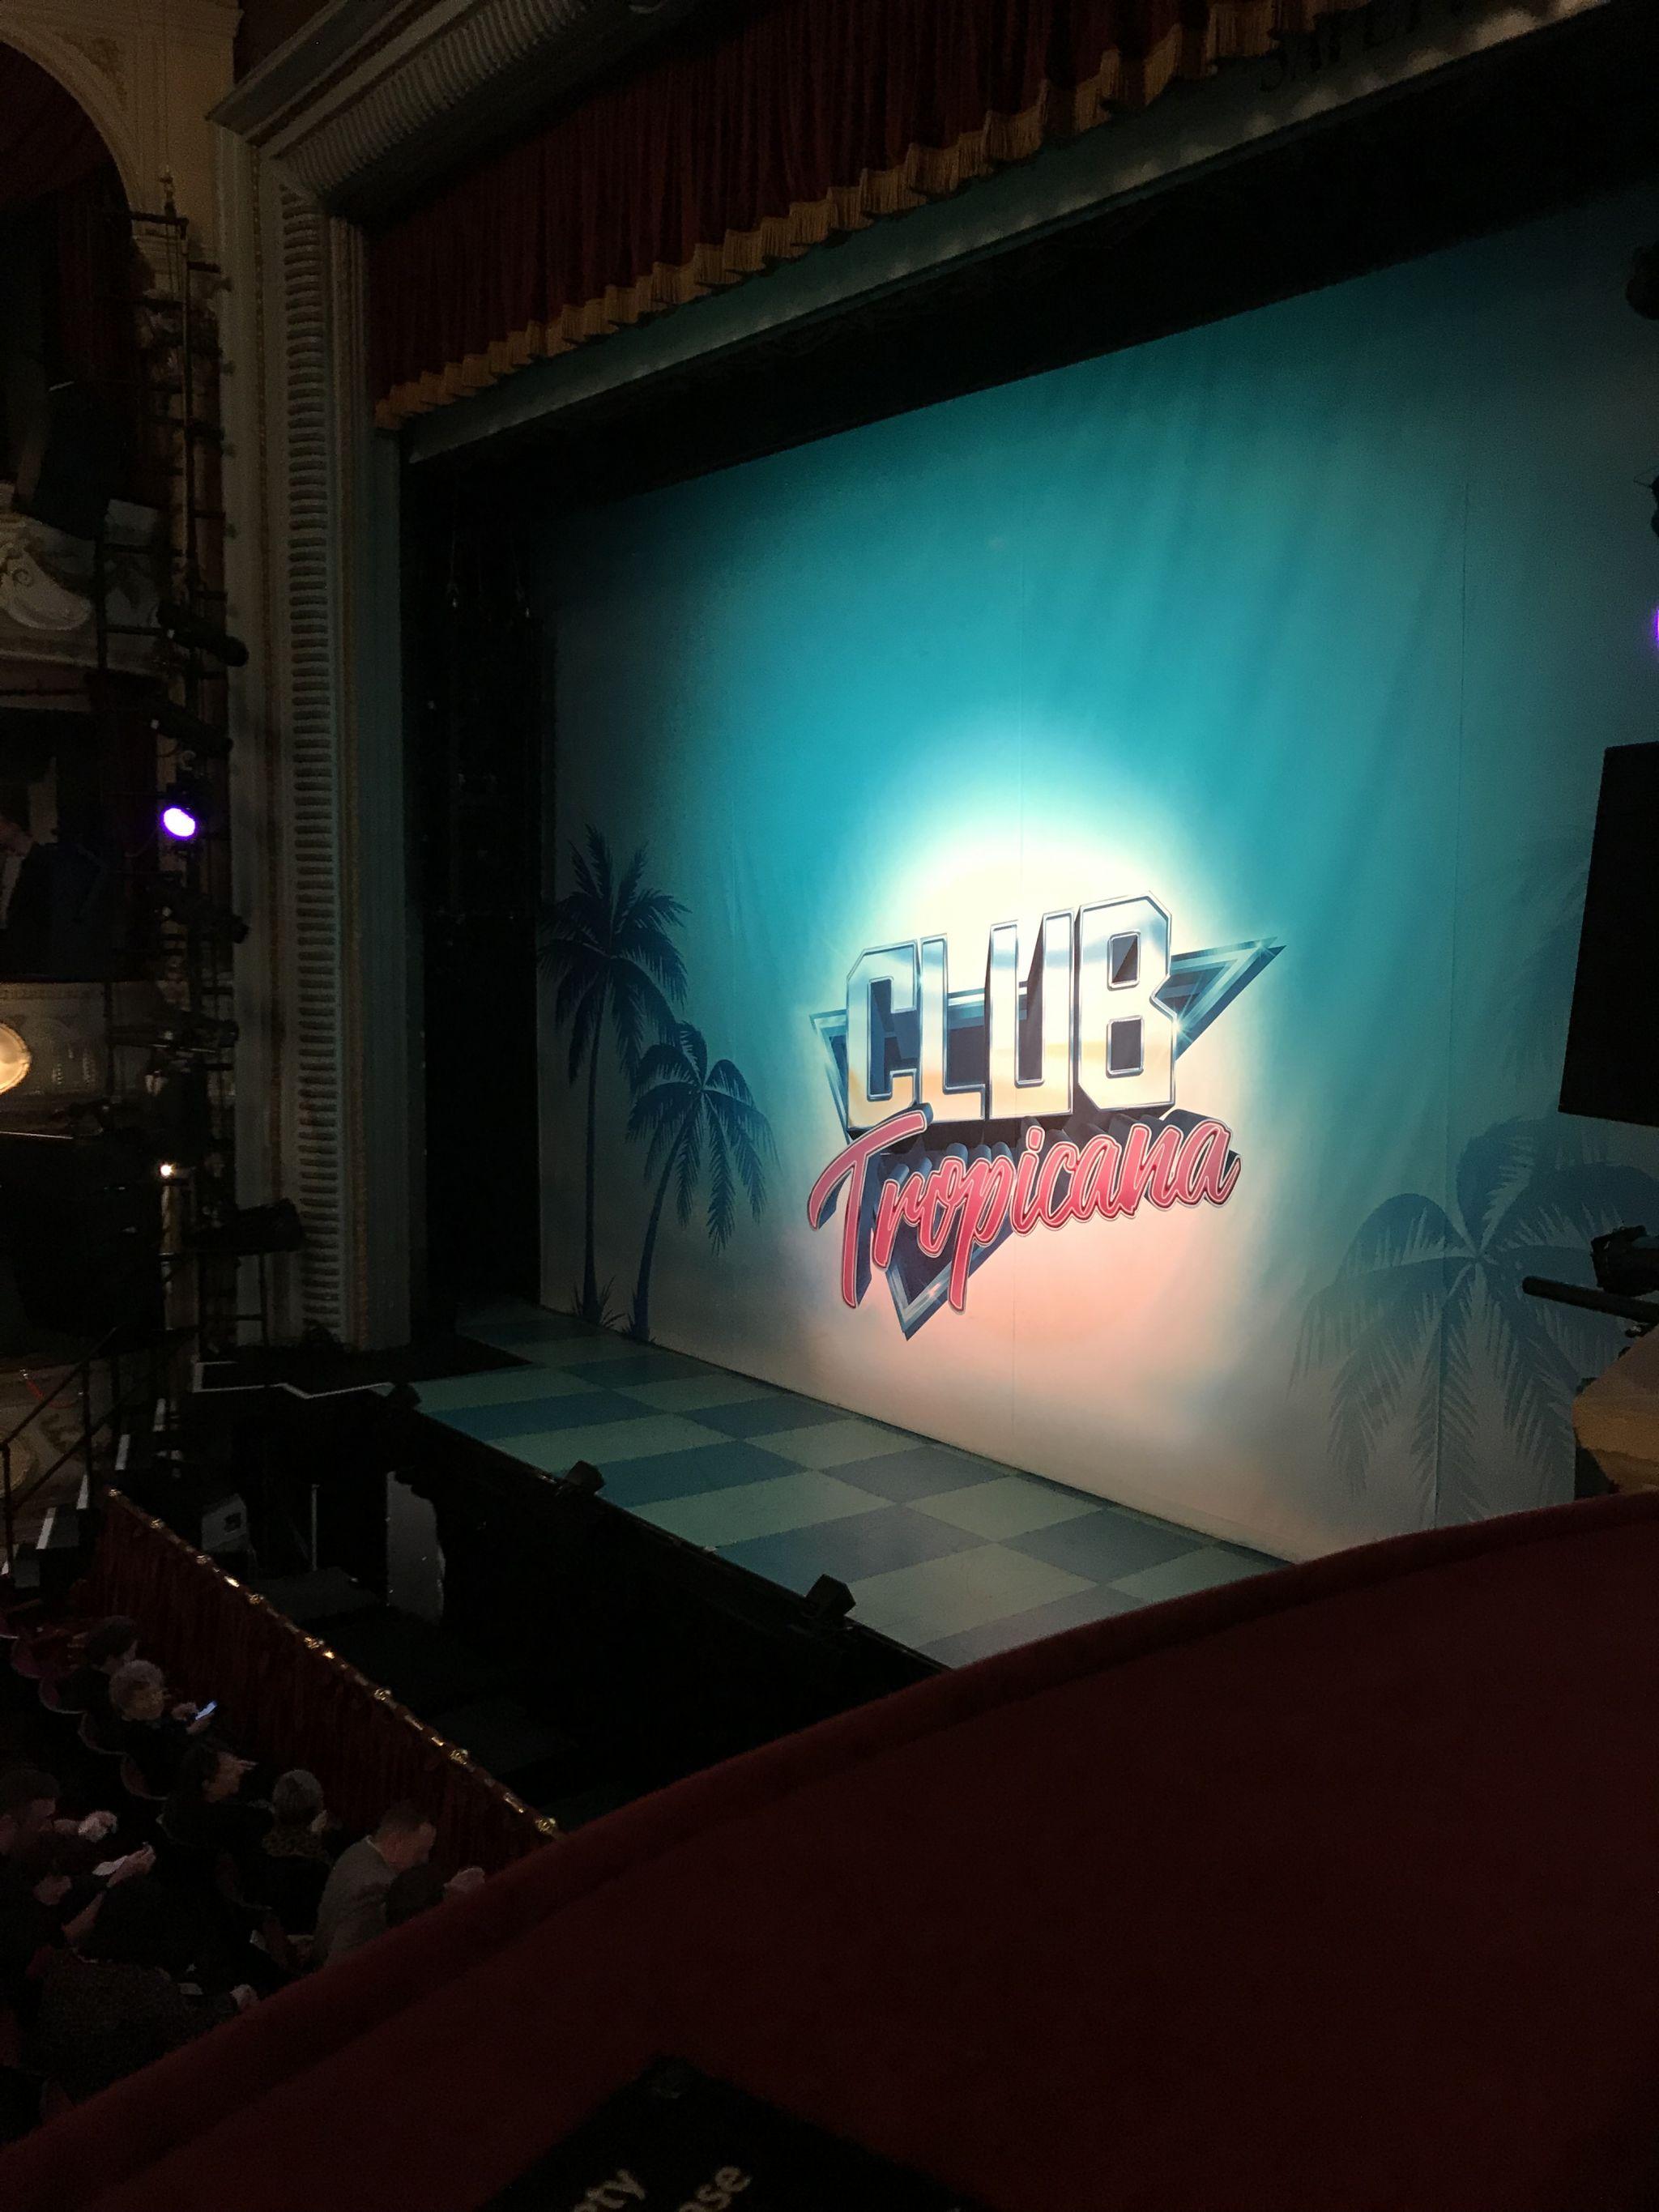 Club Tropicana the Musical theatre curtain